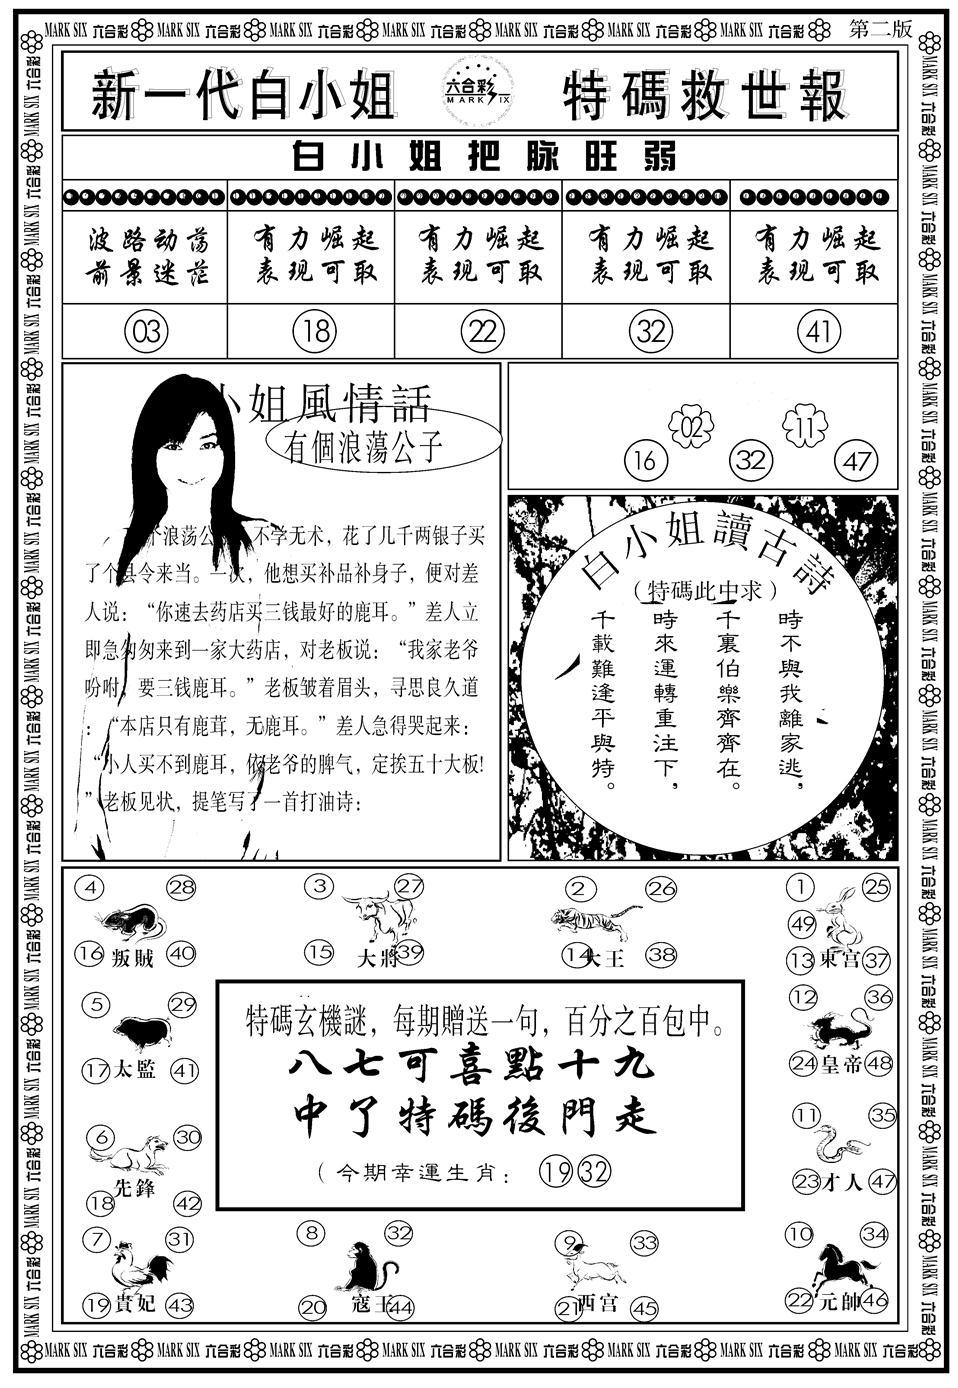 067期新一代白姐B(黑白)